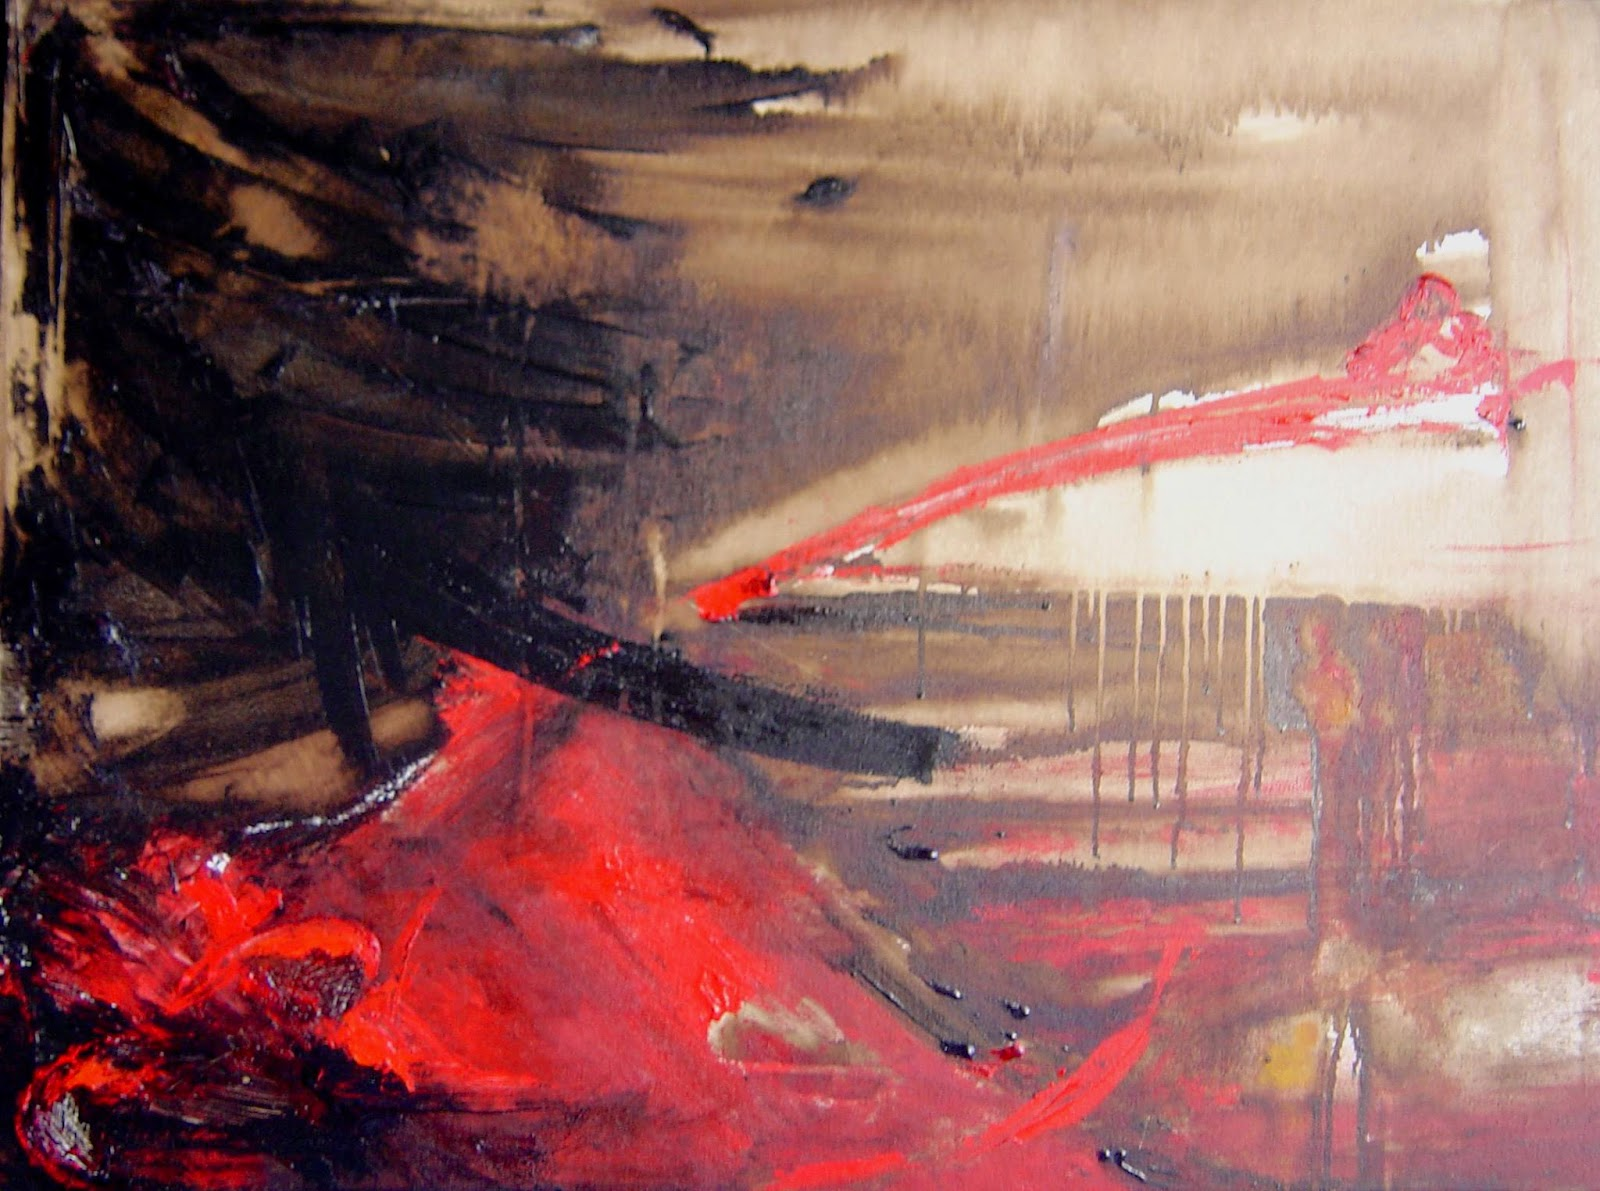 Pinturas abstractas de vanina martinez rojas - Fotos cuadros abstractos ...